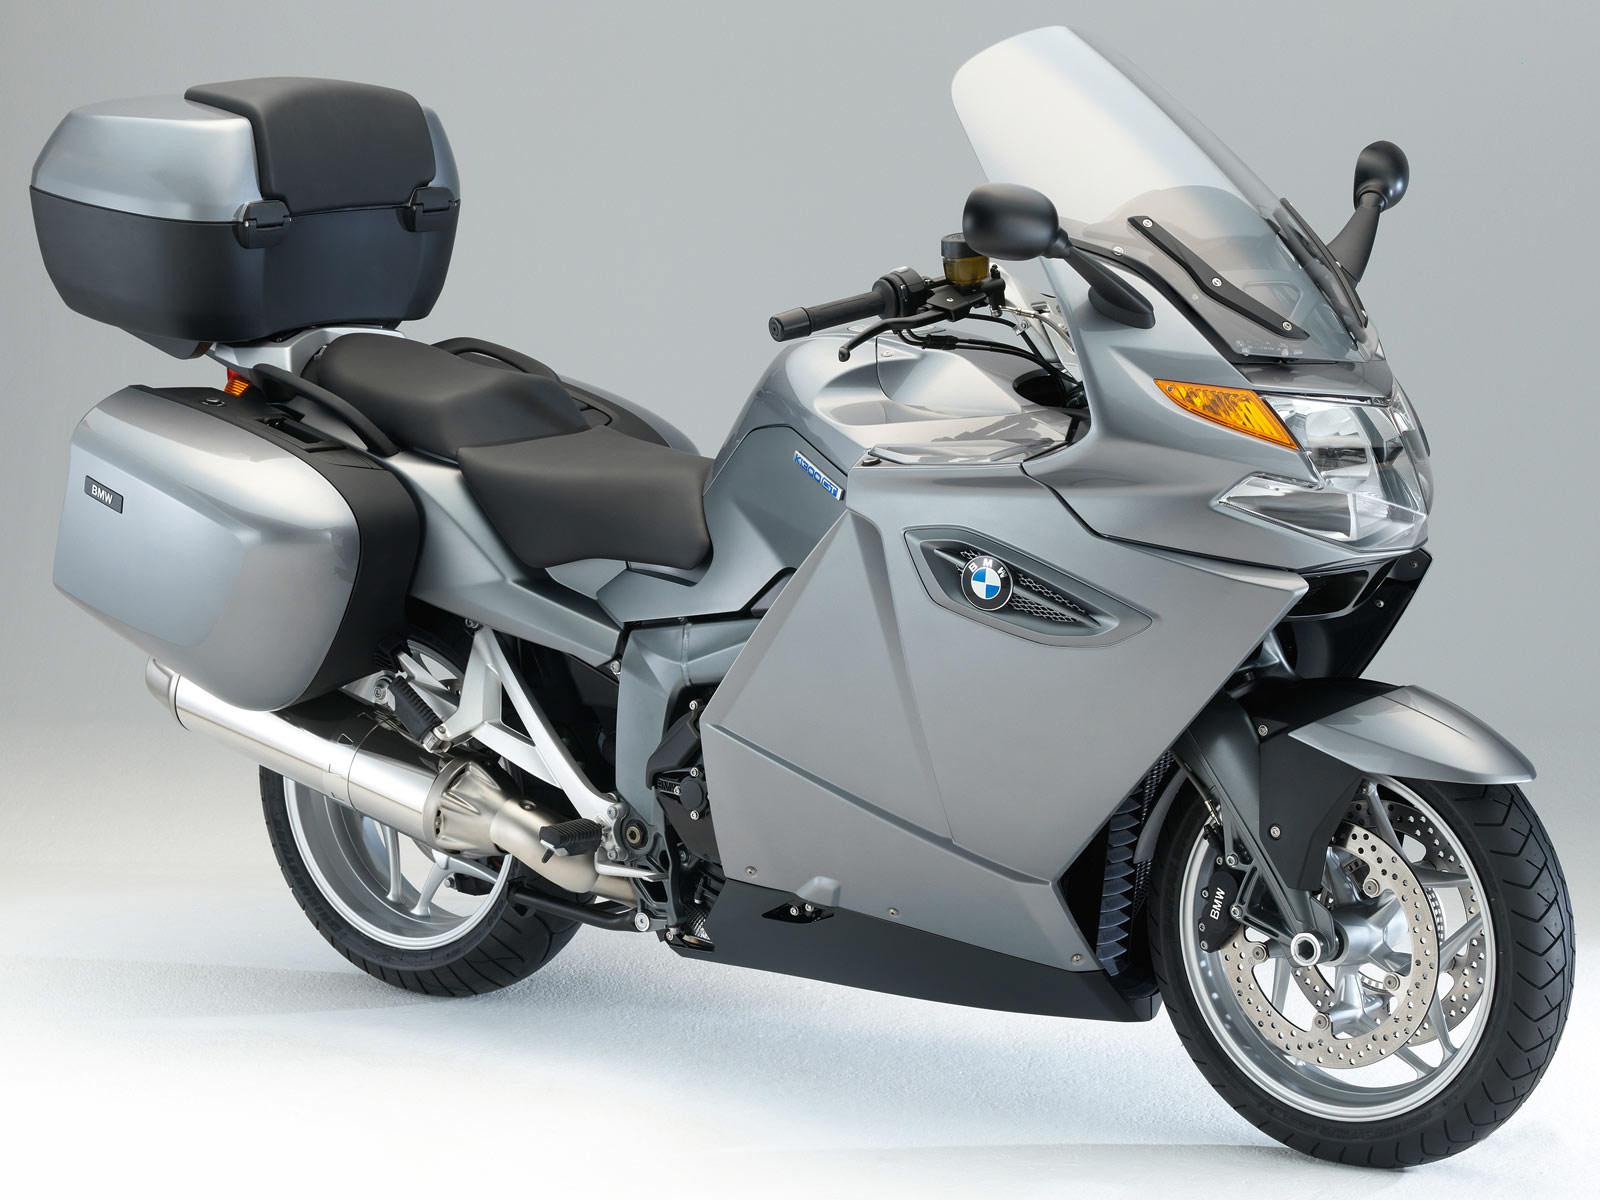 2010 bmw k 1300 gt motorcycle desktop wallpaper. Black Bedroom Furniture Sets. Home Design Ideas